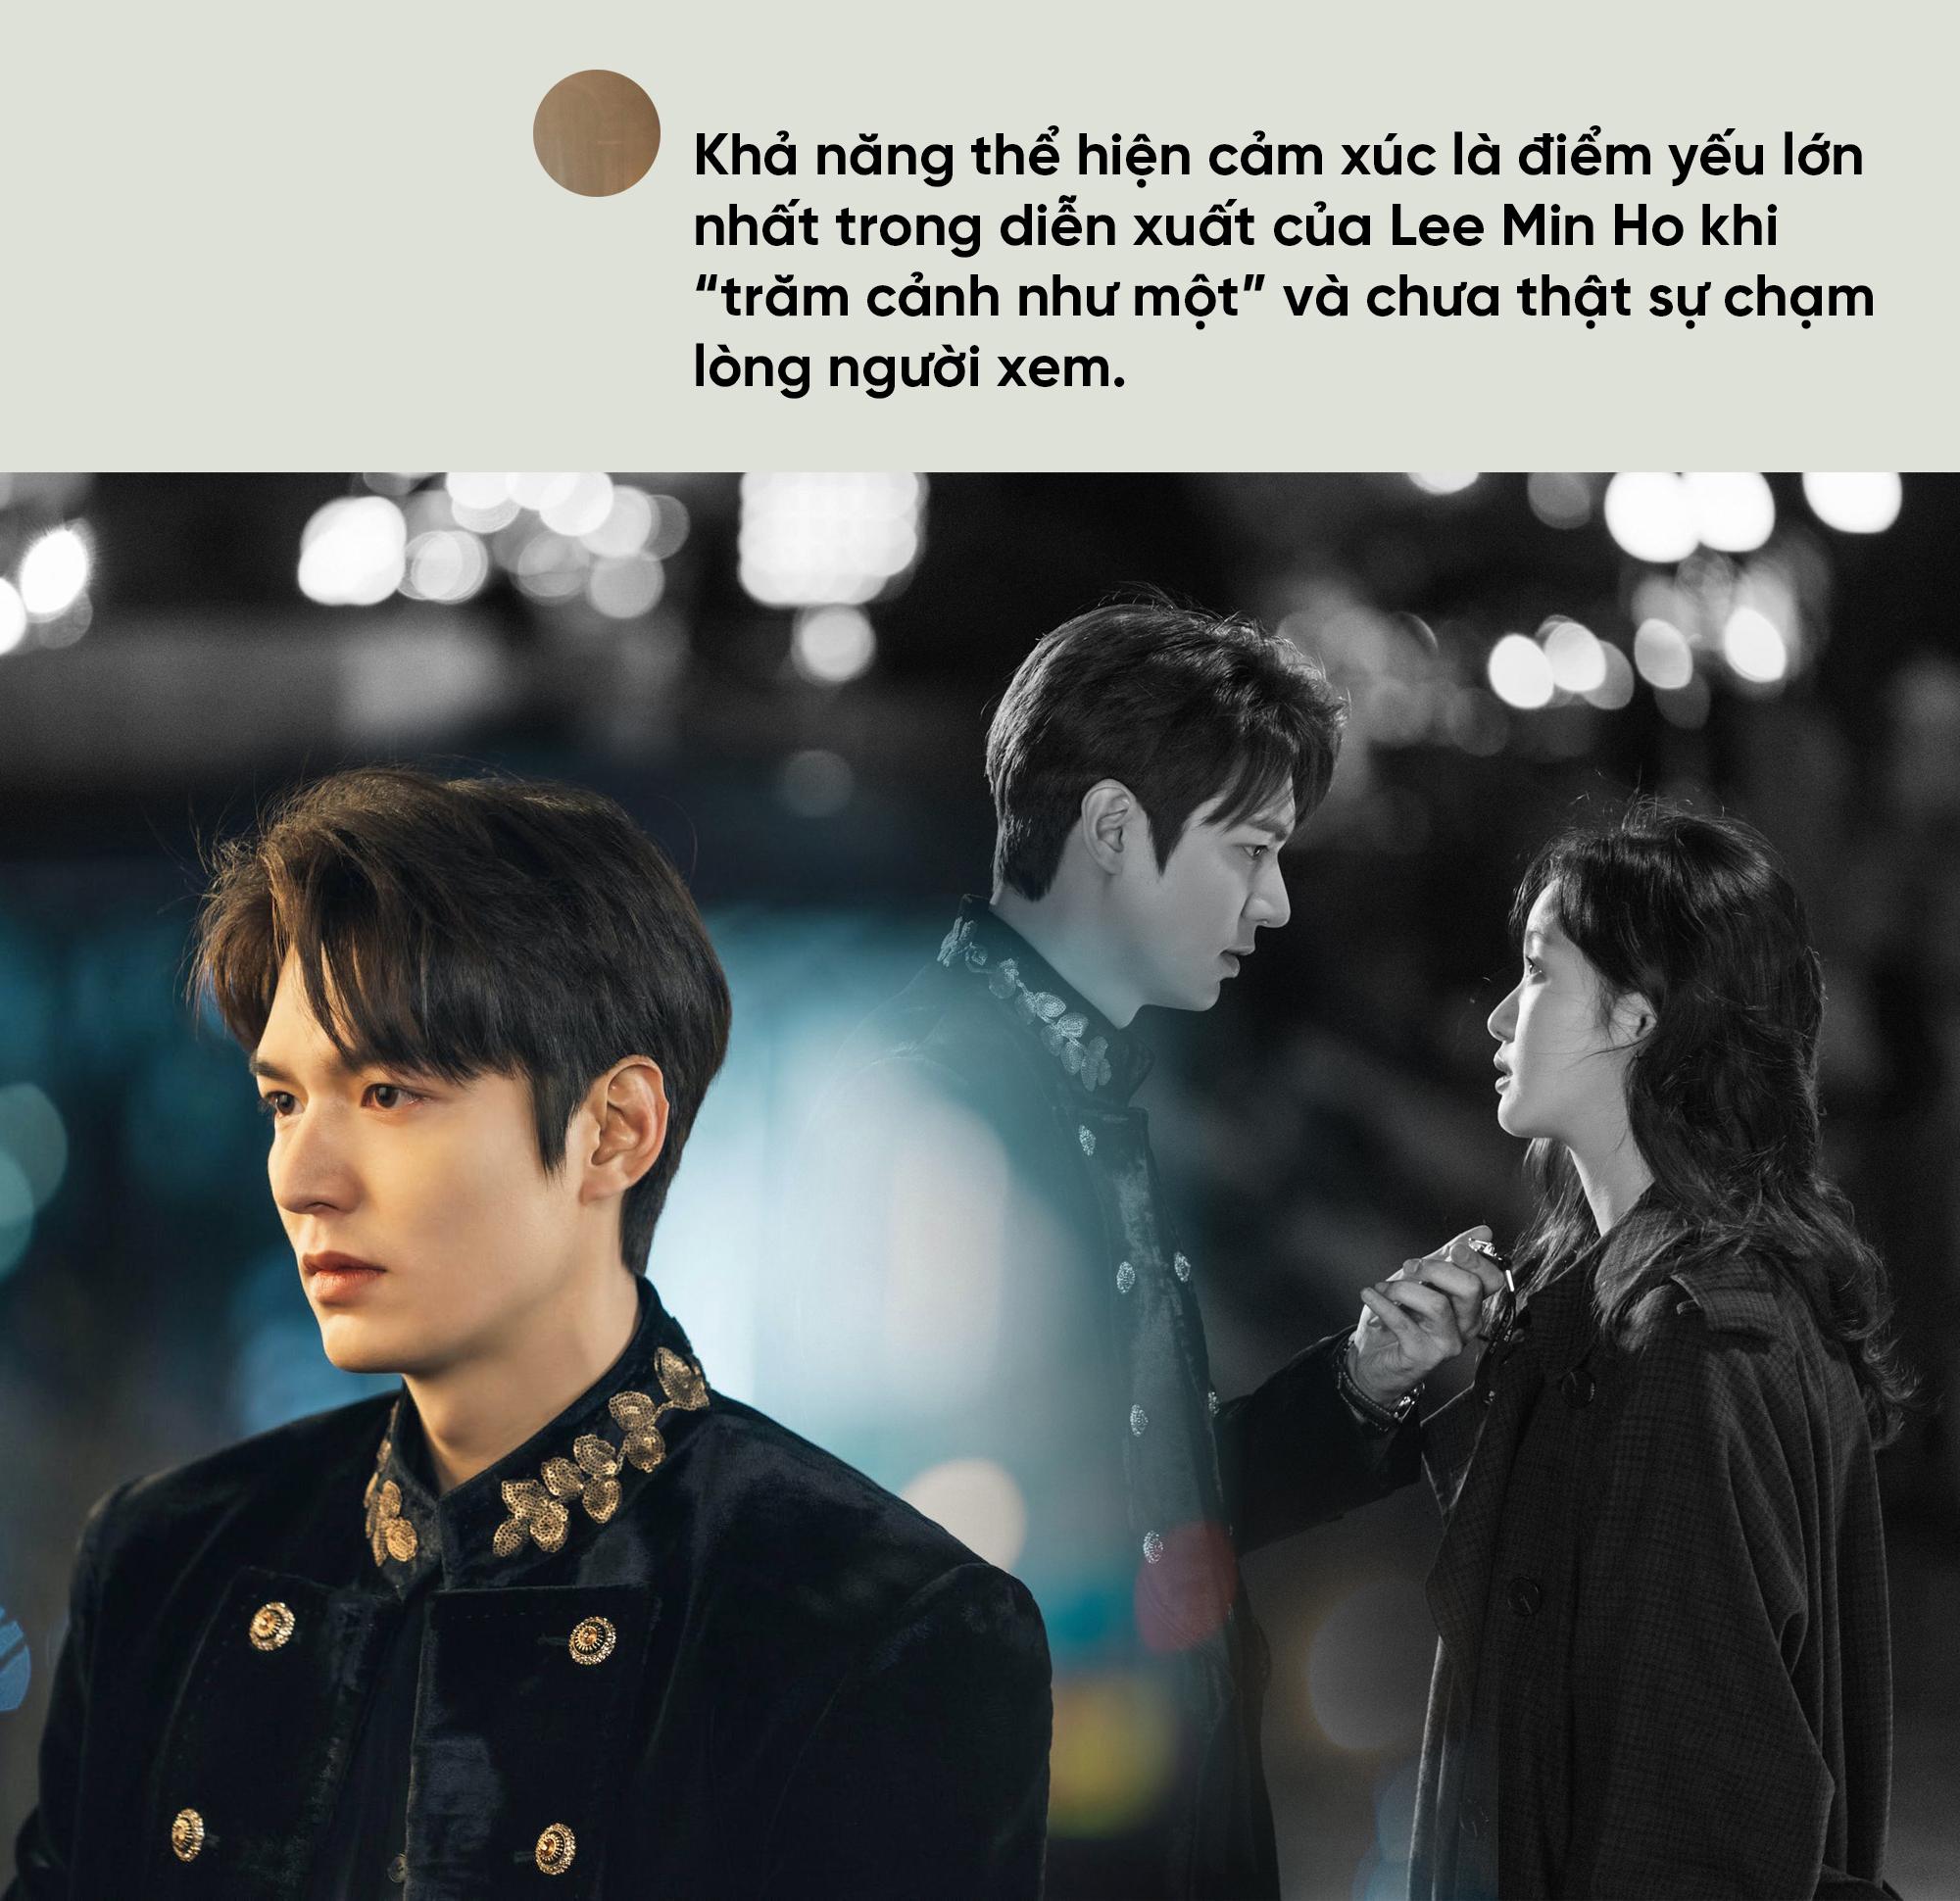 Lee Min Ho - Chàng 'hoàng tử' một màu nhưng vẫn được si mê